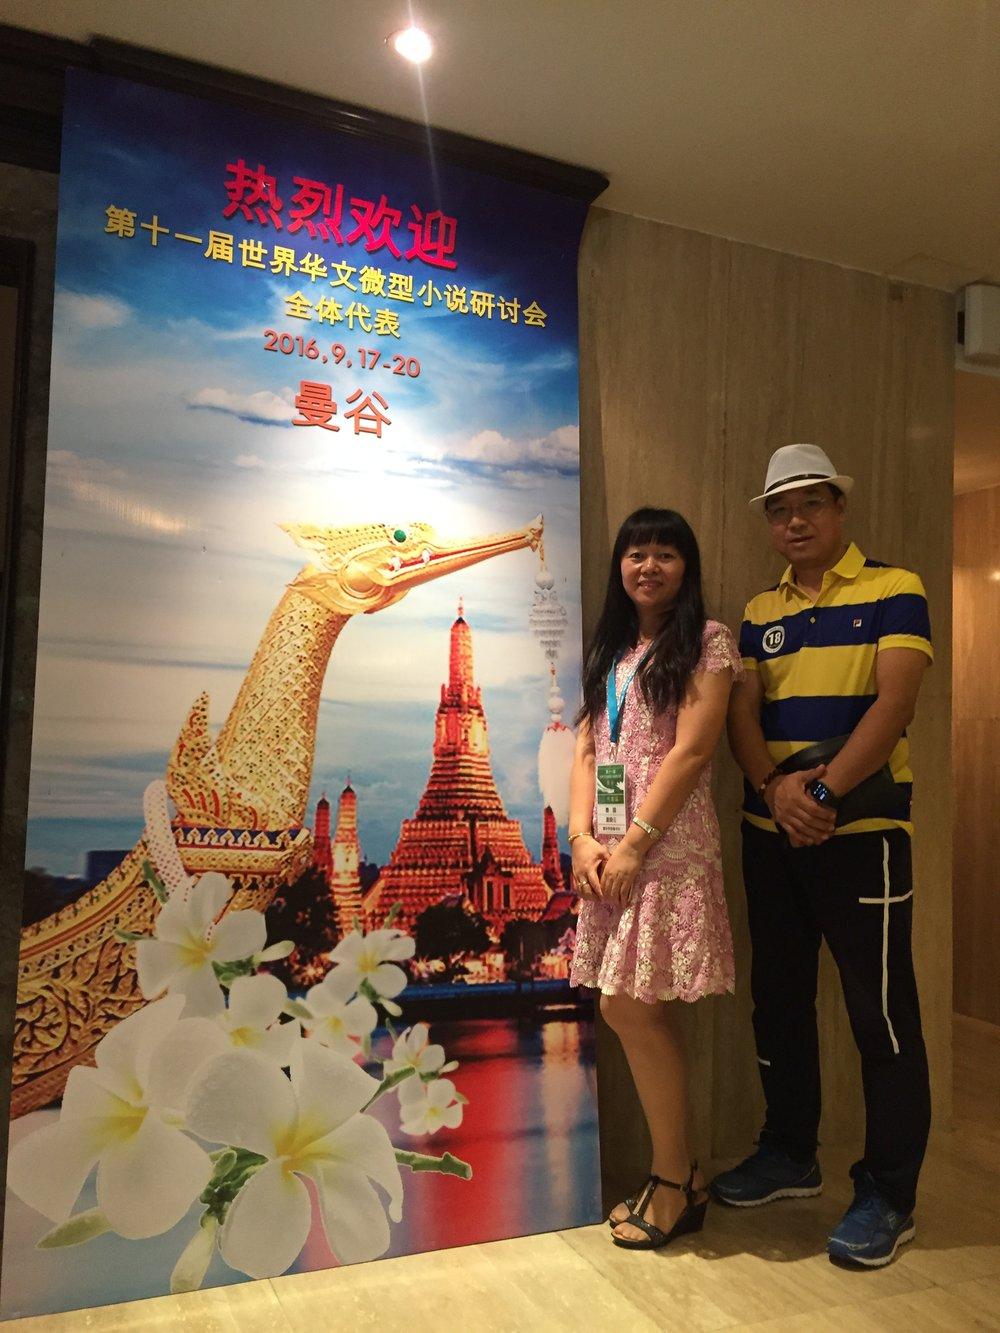 李凡予与泰国华文作家协会秘书长、微小说作家&爱情诗诗人温晓云合影留念。